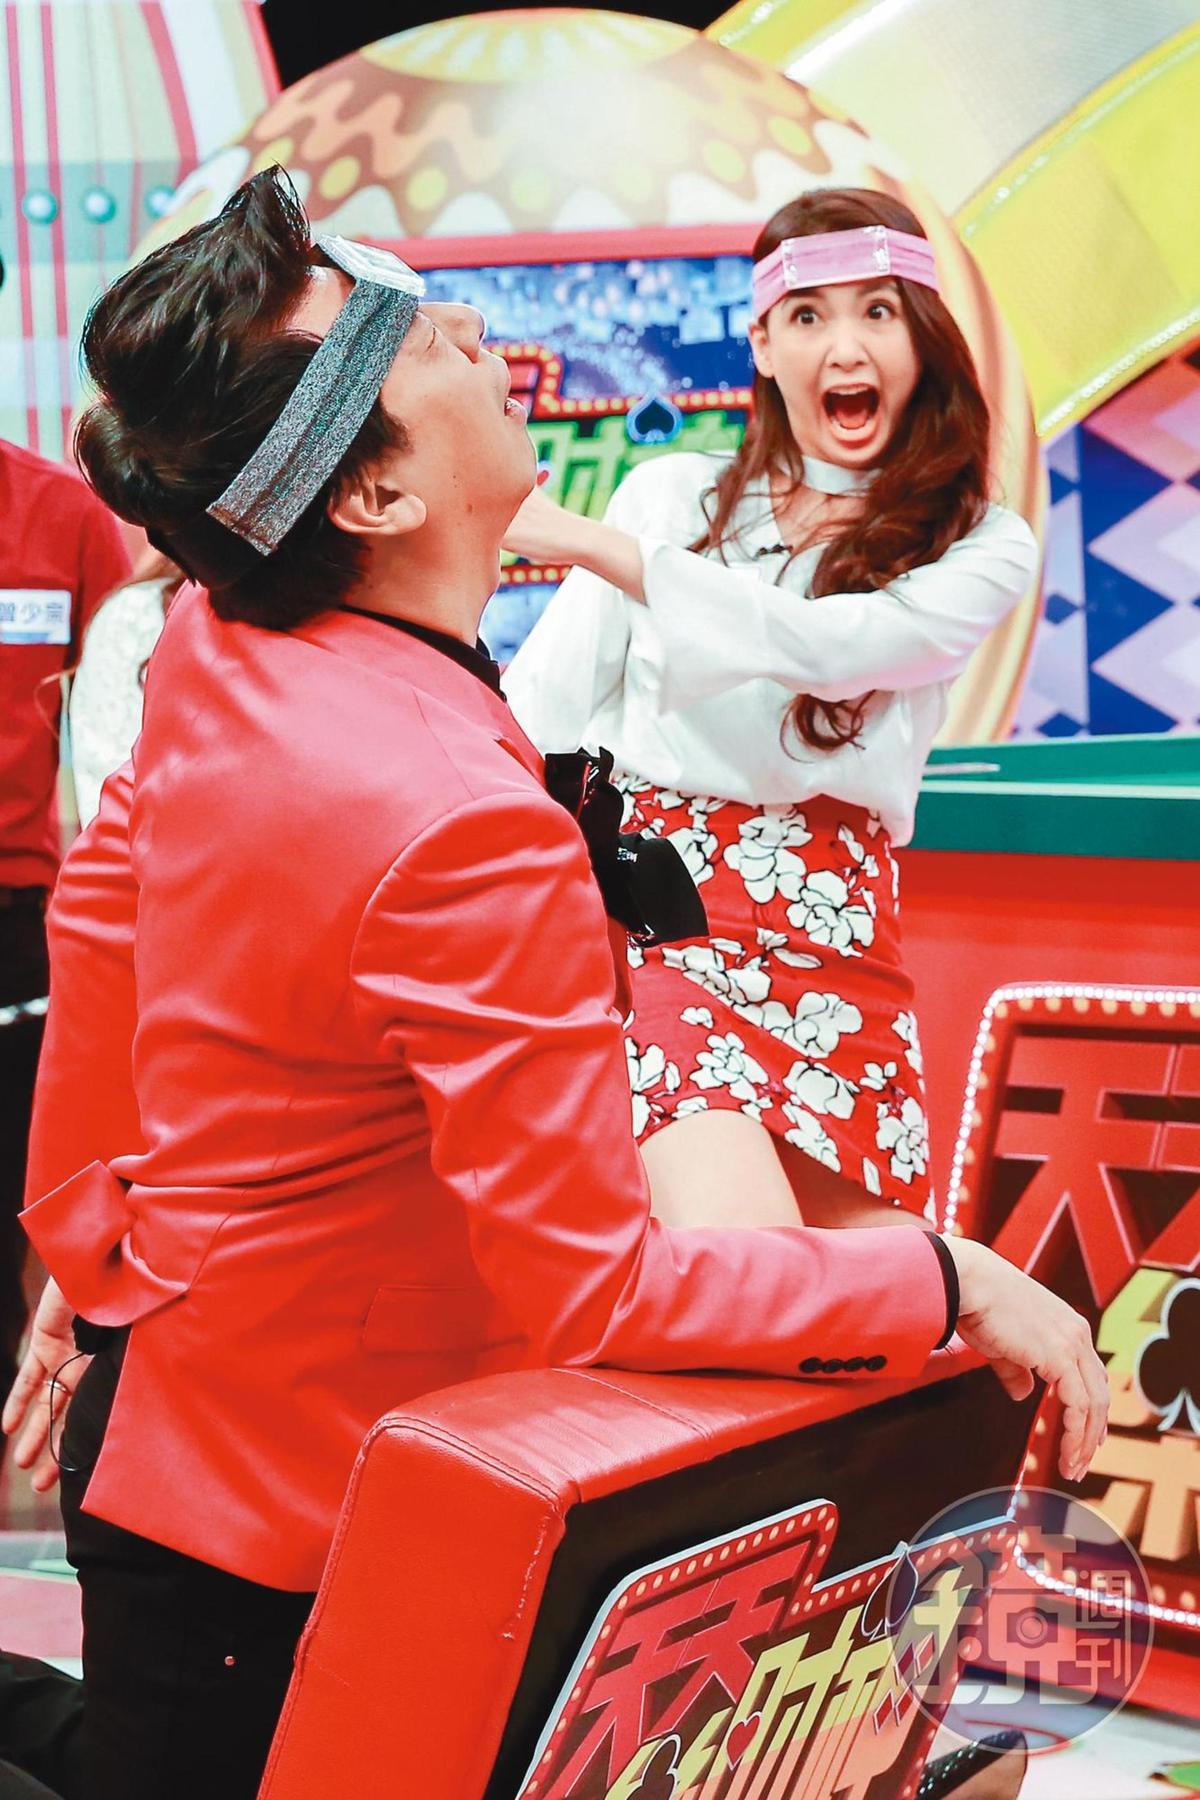 韋汝曾經為照顧兒子短暫退出娛樂圈,直到2012年復出後,又開始接通告上綜藝節目當來賓賺錢。